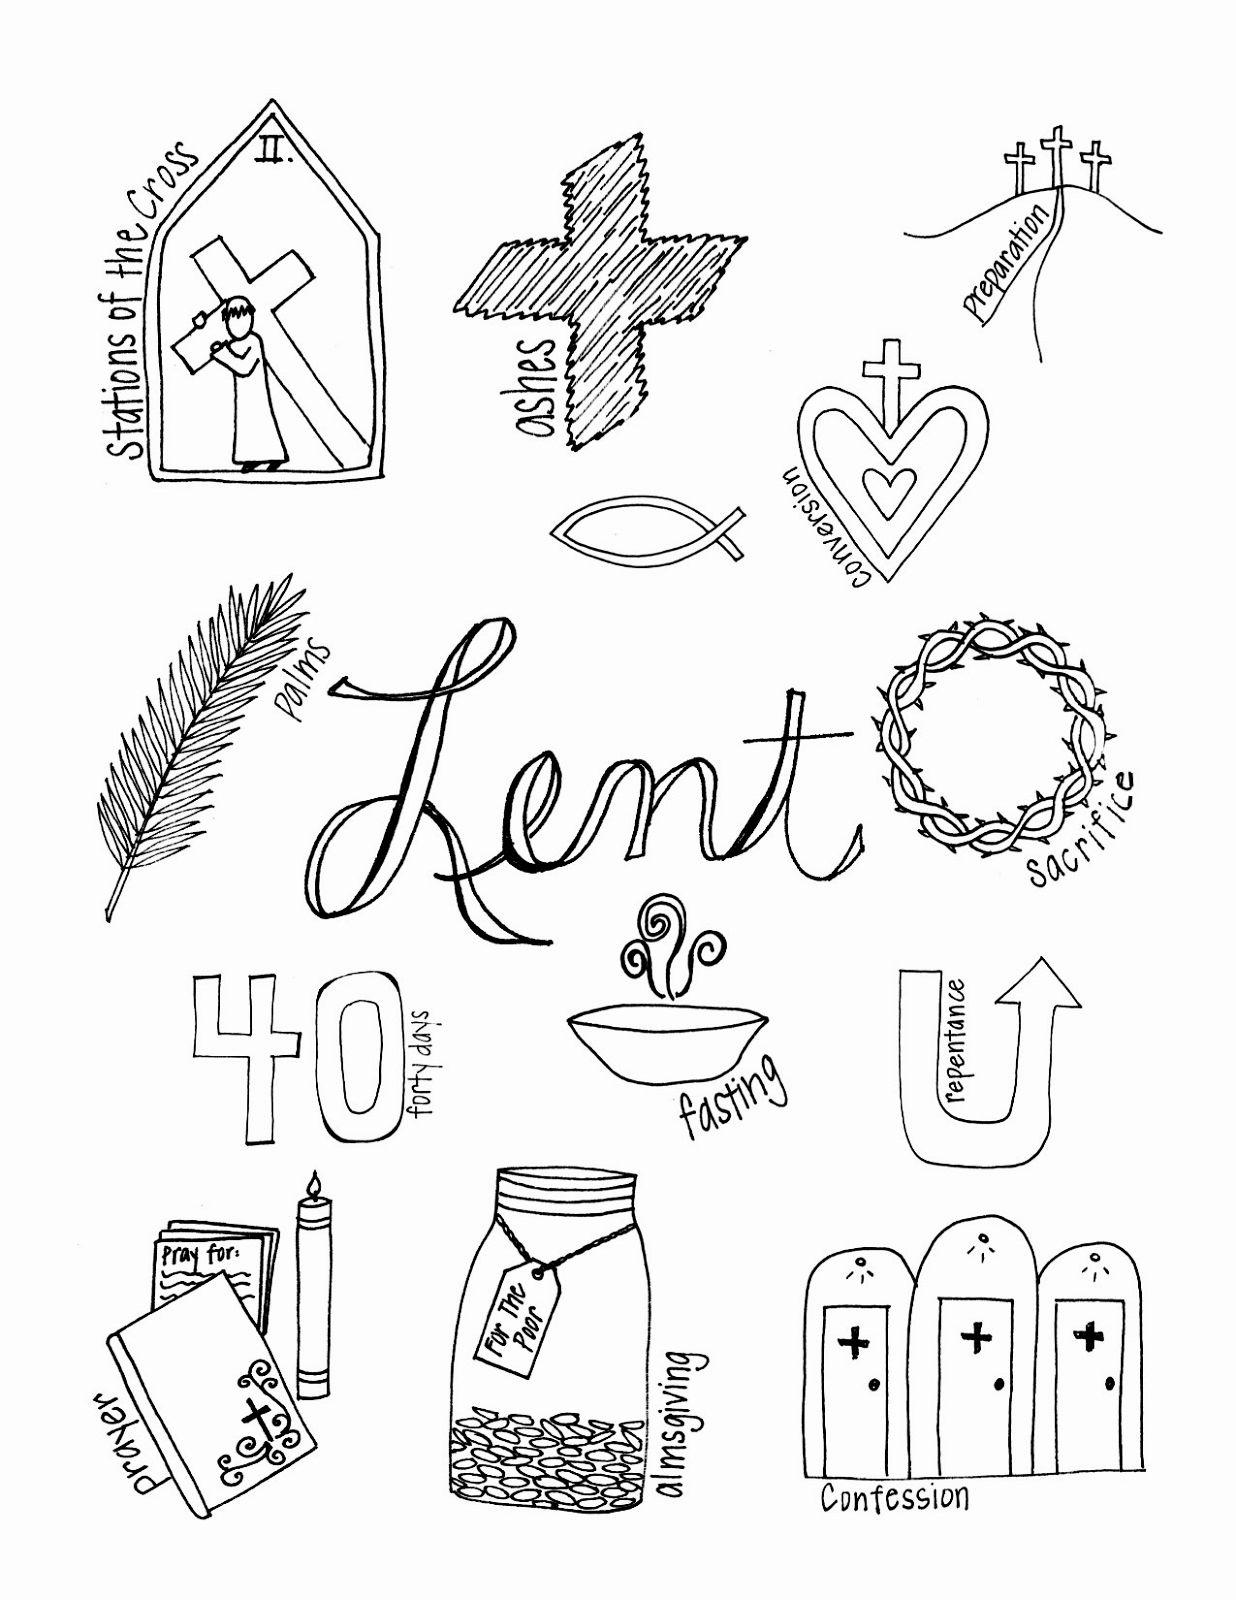 Lent Coloring Pages Catholic Lent 40 Days Of Lent Lent Symbols